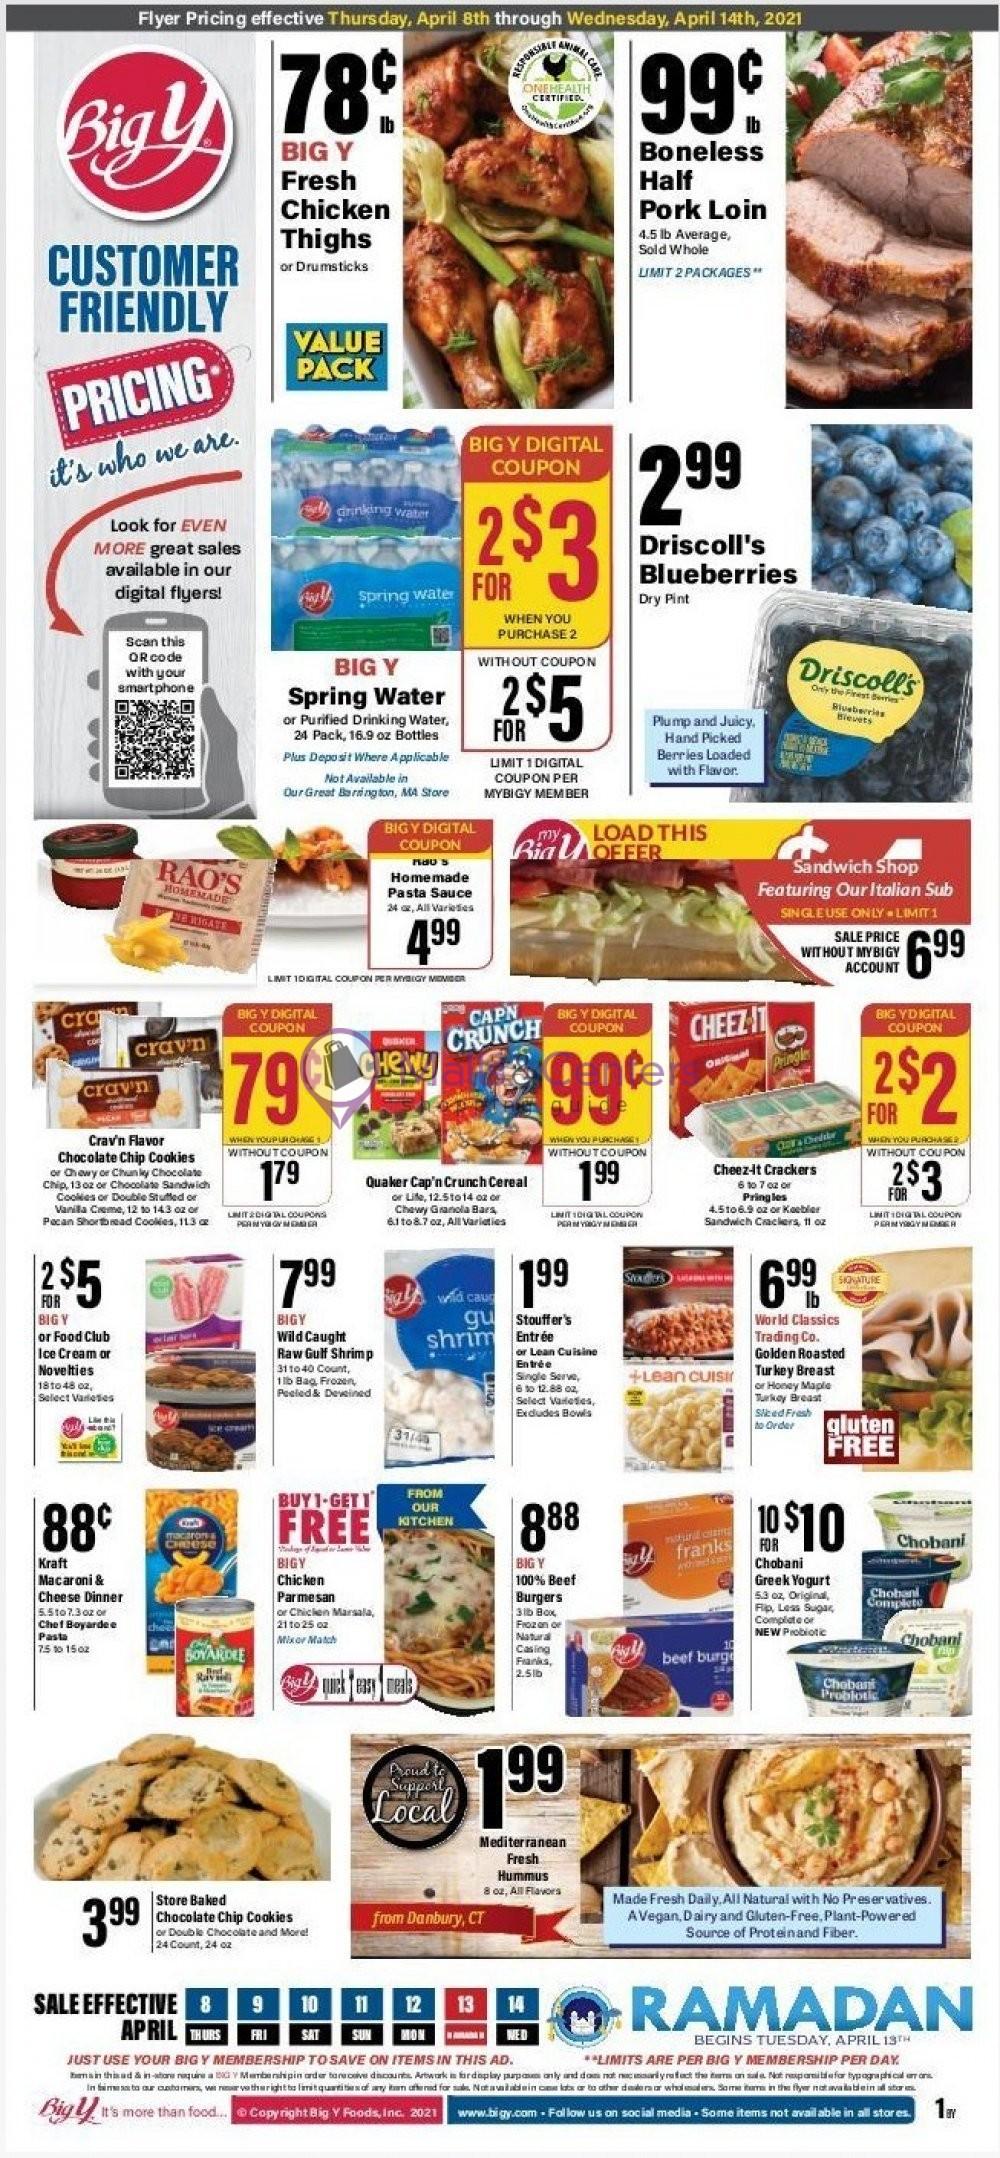 weekly ad Big Y - page 1 - mallscenters.com